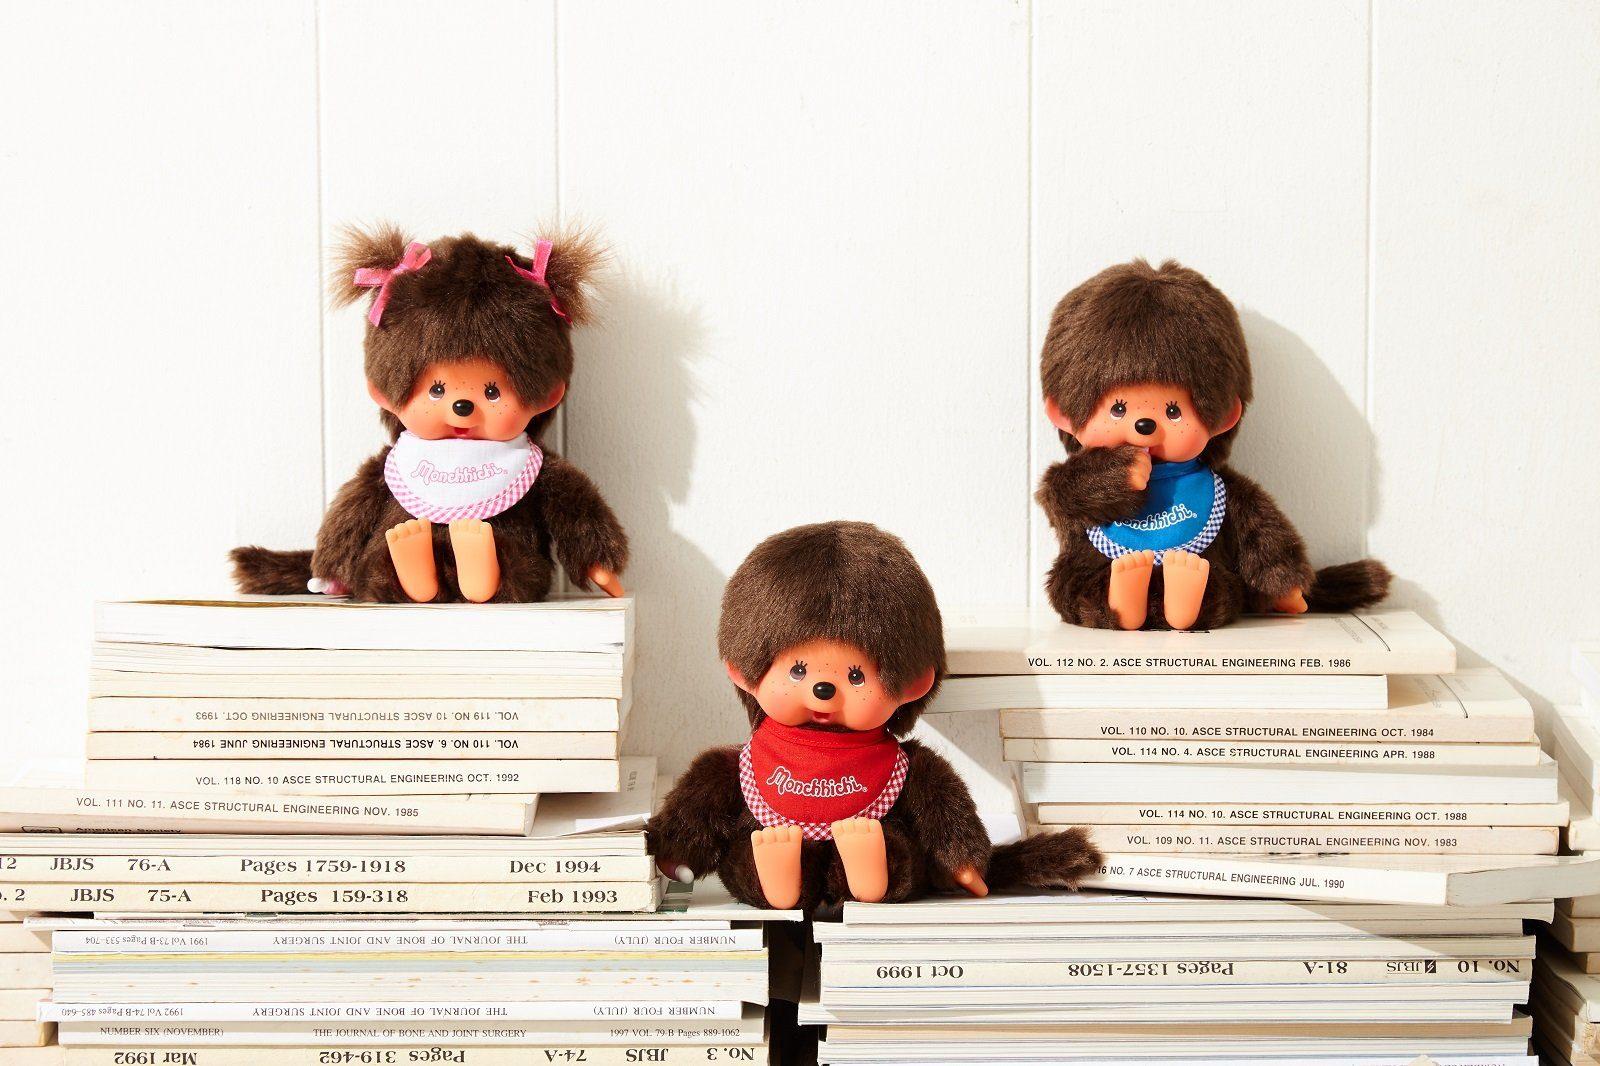 Monchhichi Puppen sind immer noch ein beliebtes Sppielzeug